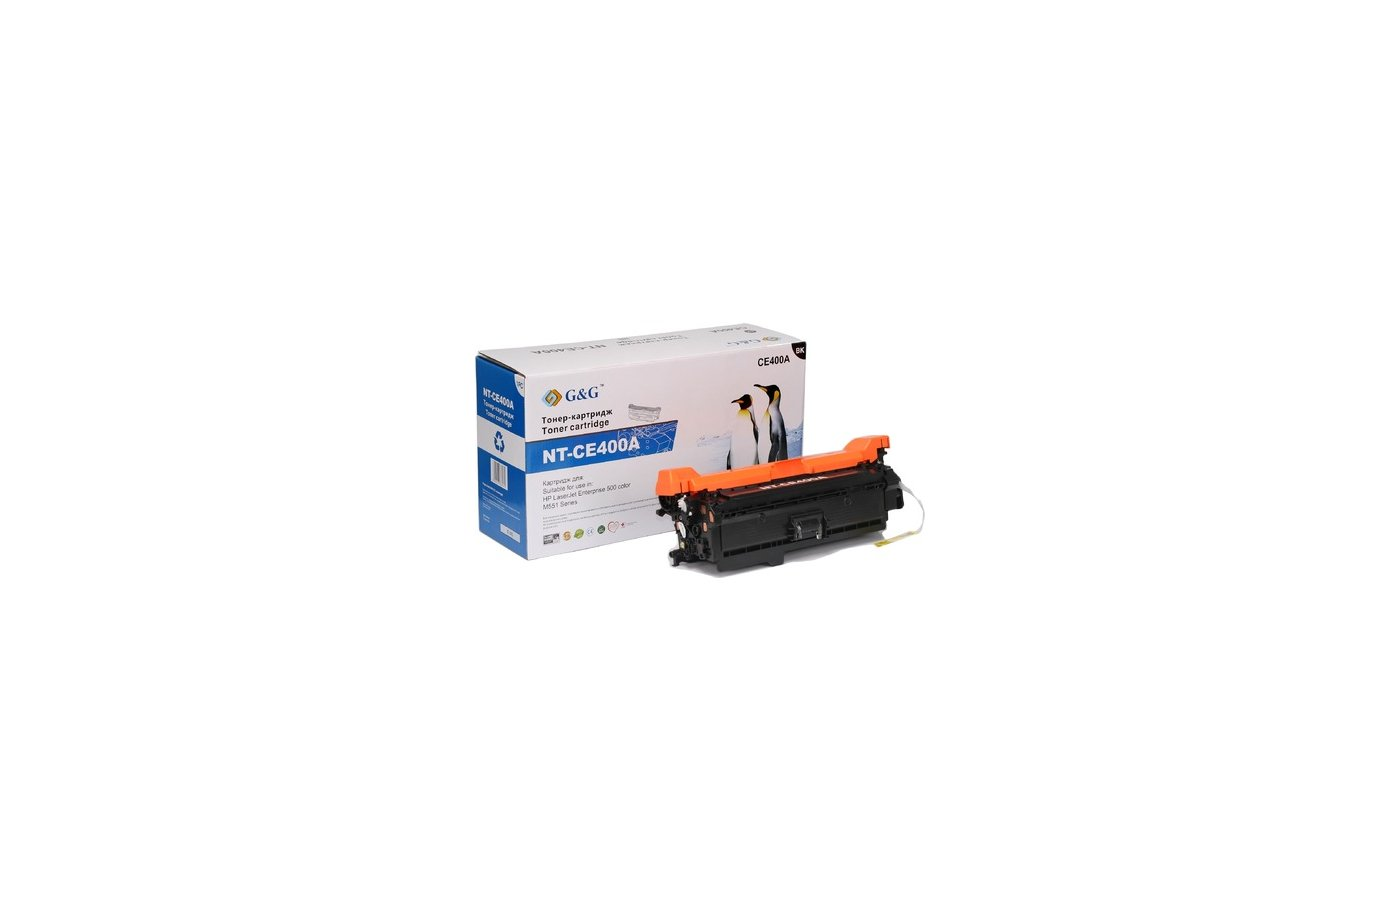 Картридж лазерный GG NT-CE400A Совместимый черный для HP LaserJet EGG NTerprise 500 color M551 (5500 стр)